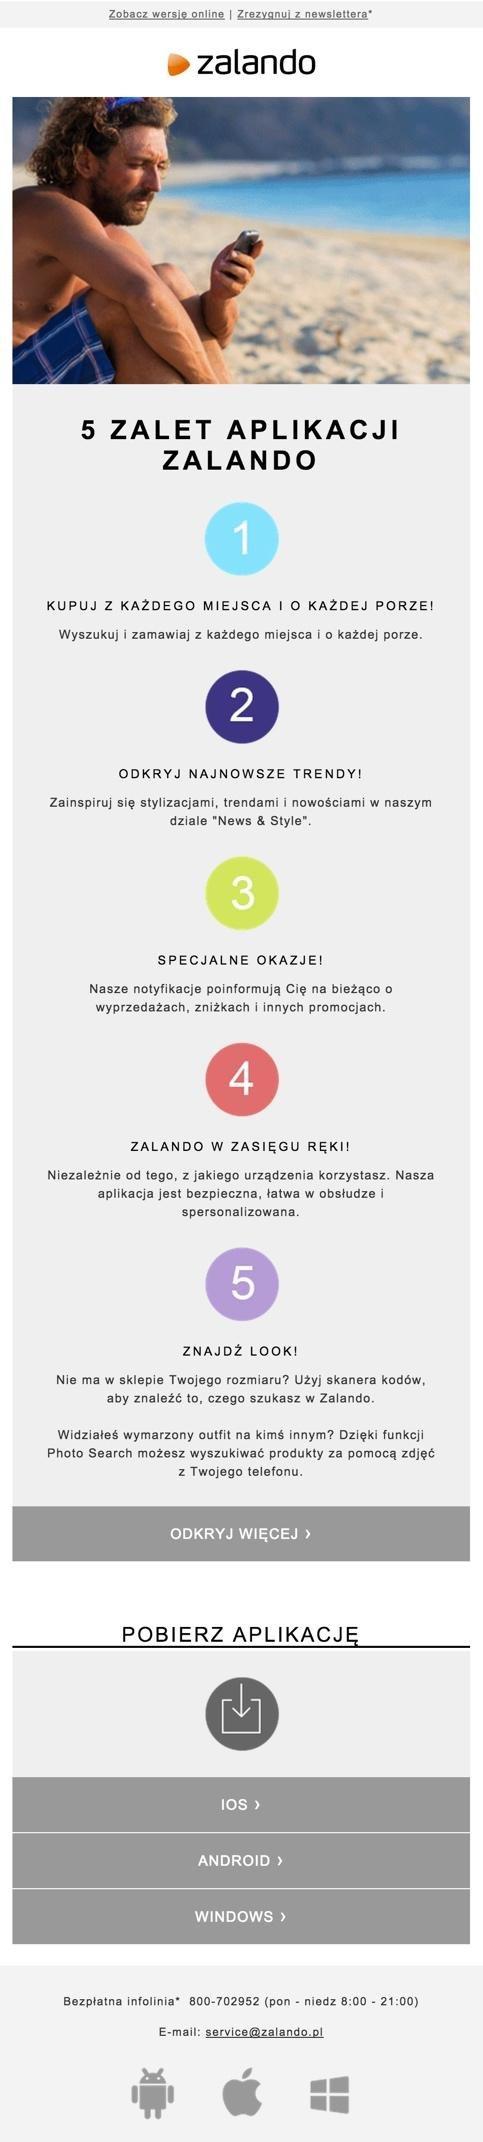 Wiadomość promująca aplikację mobilną Zalando